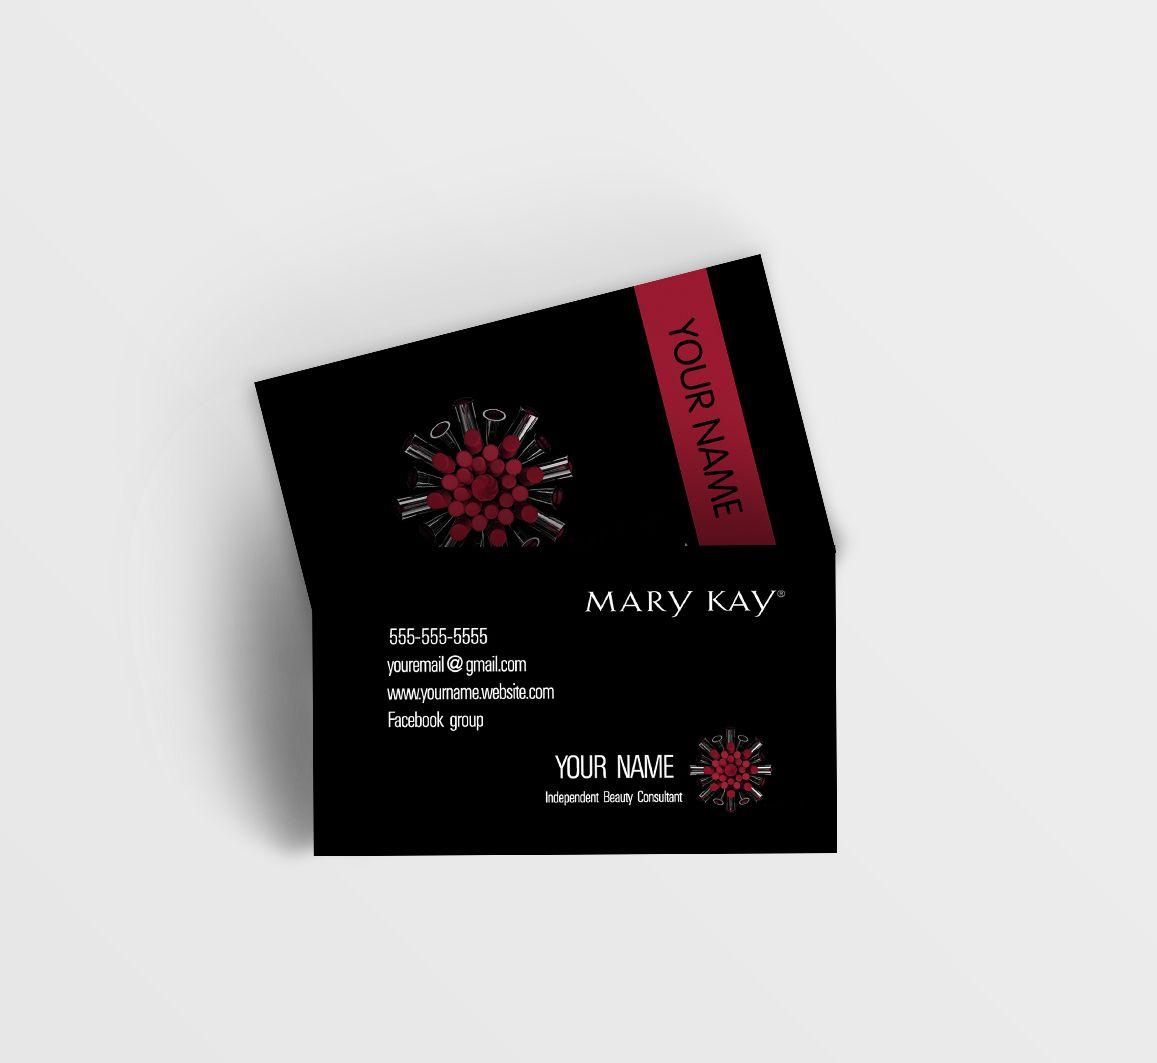 Mary Kay Business Card - Black   Mary Kay   Pinterest   Mary kay ...